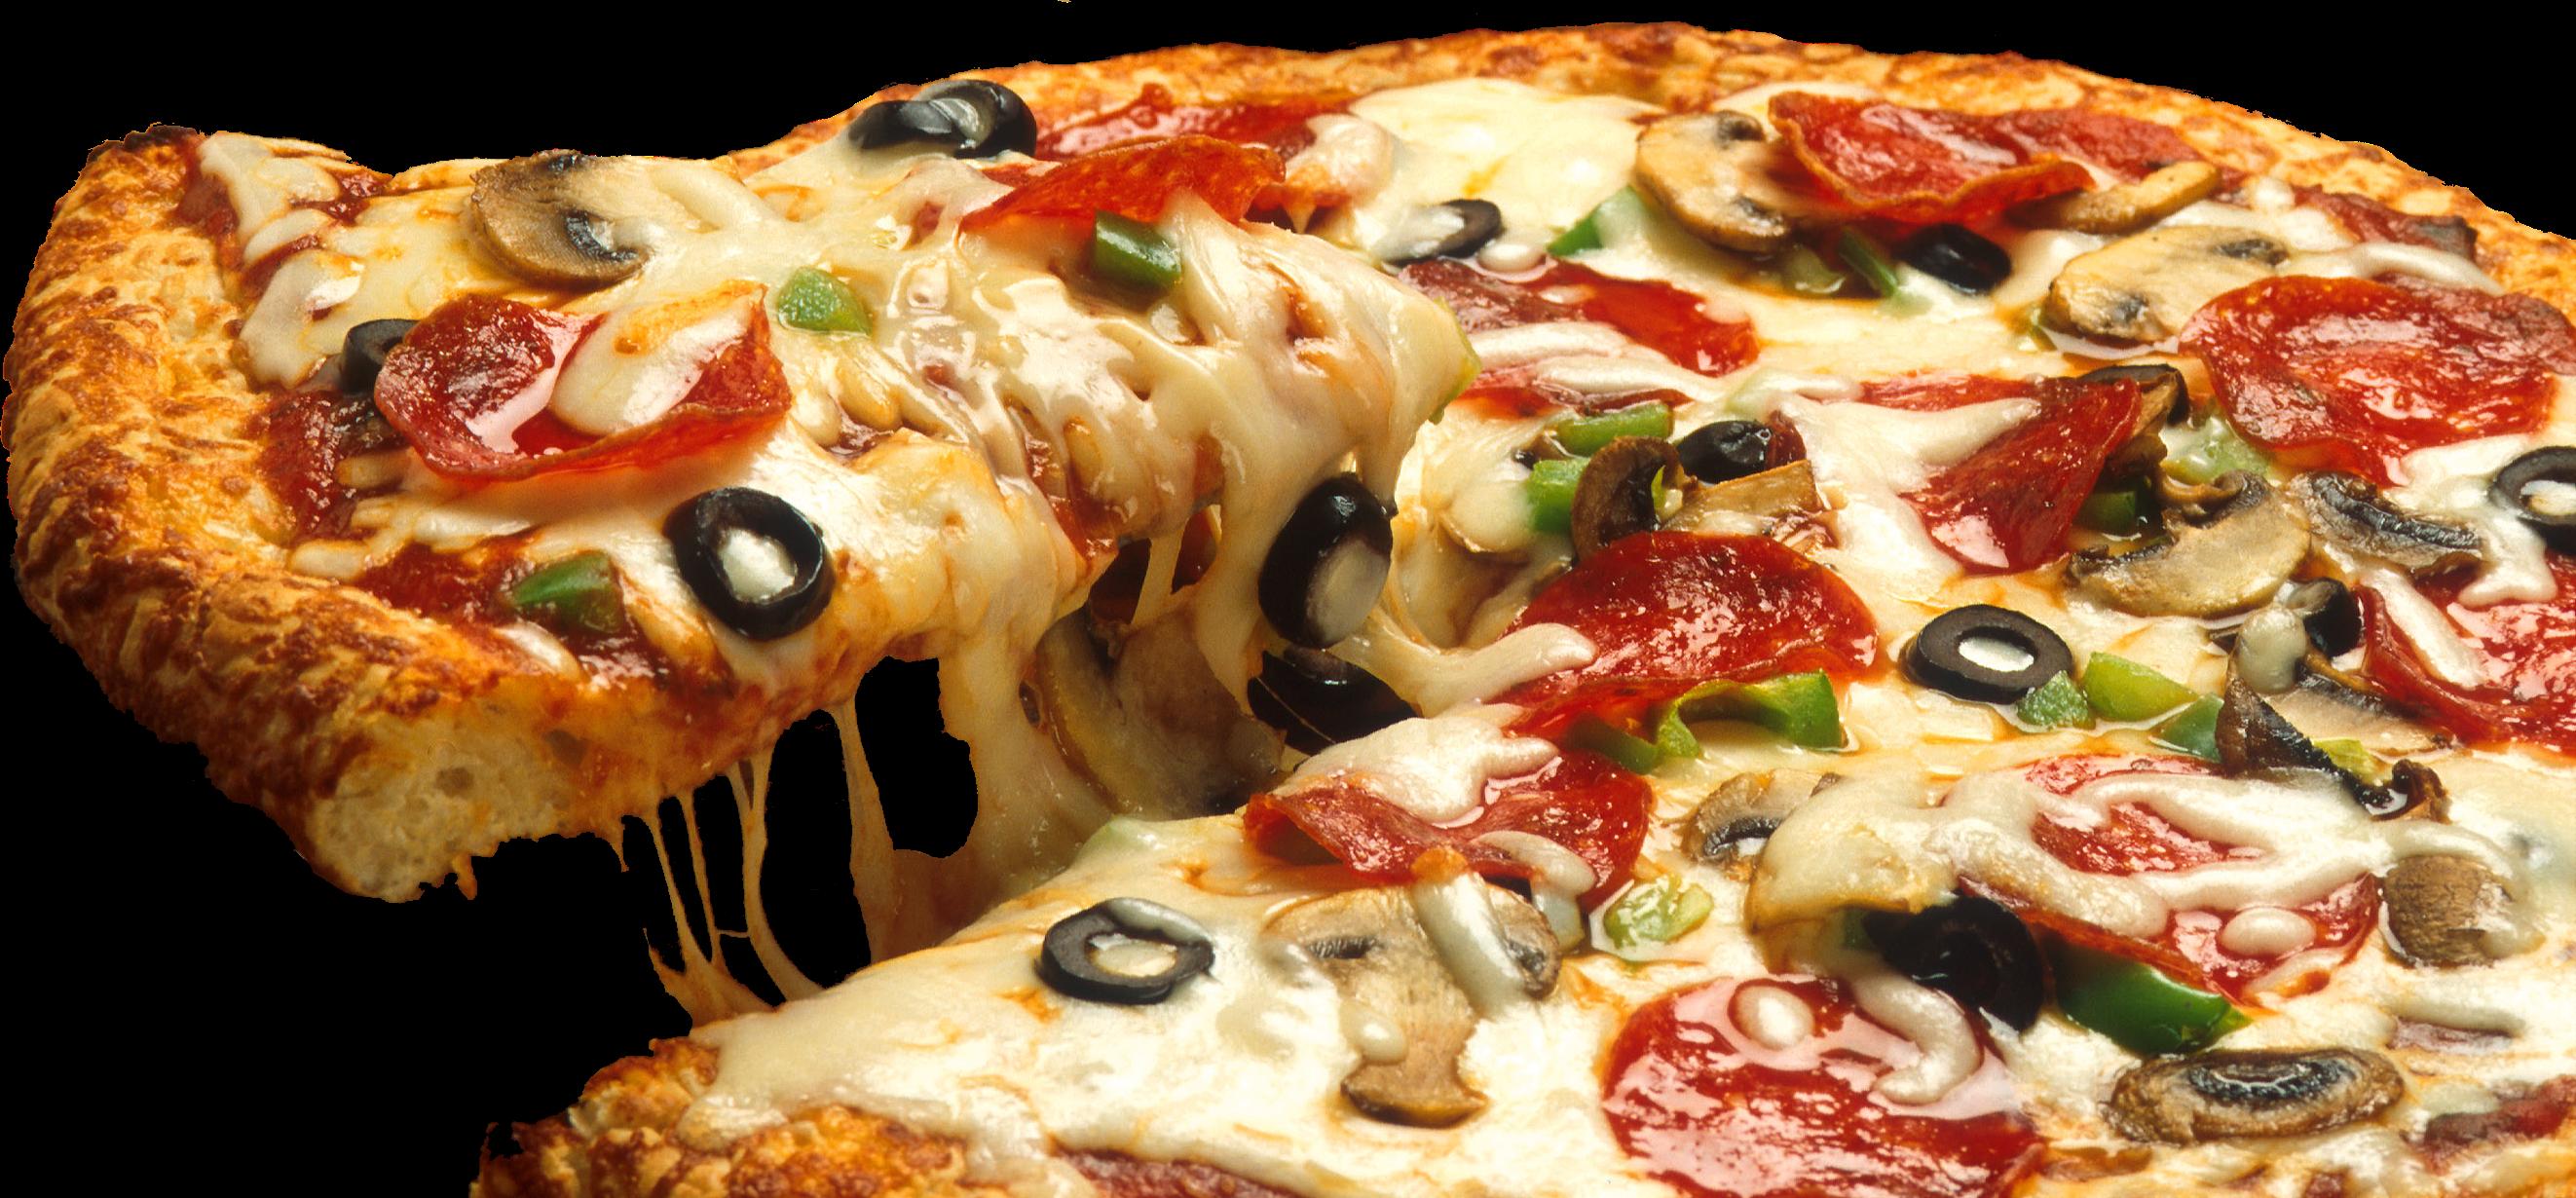 New york style pizza restaurant for Pizza restaurants